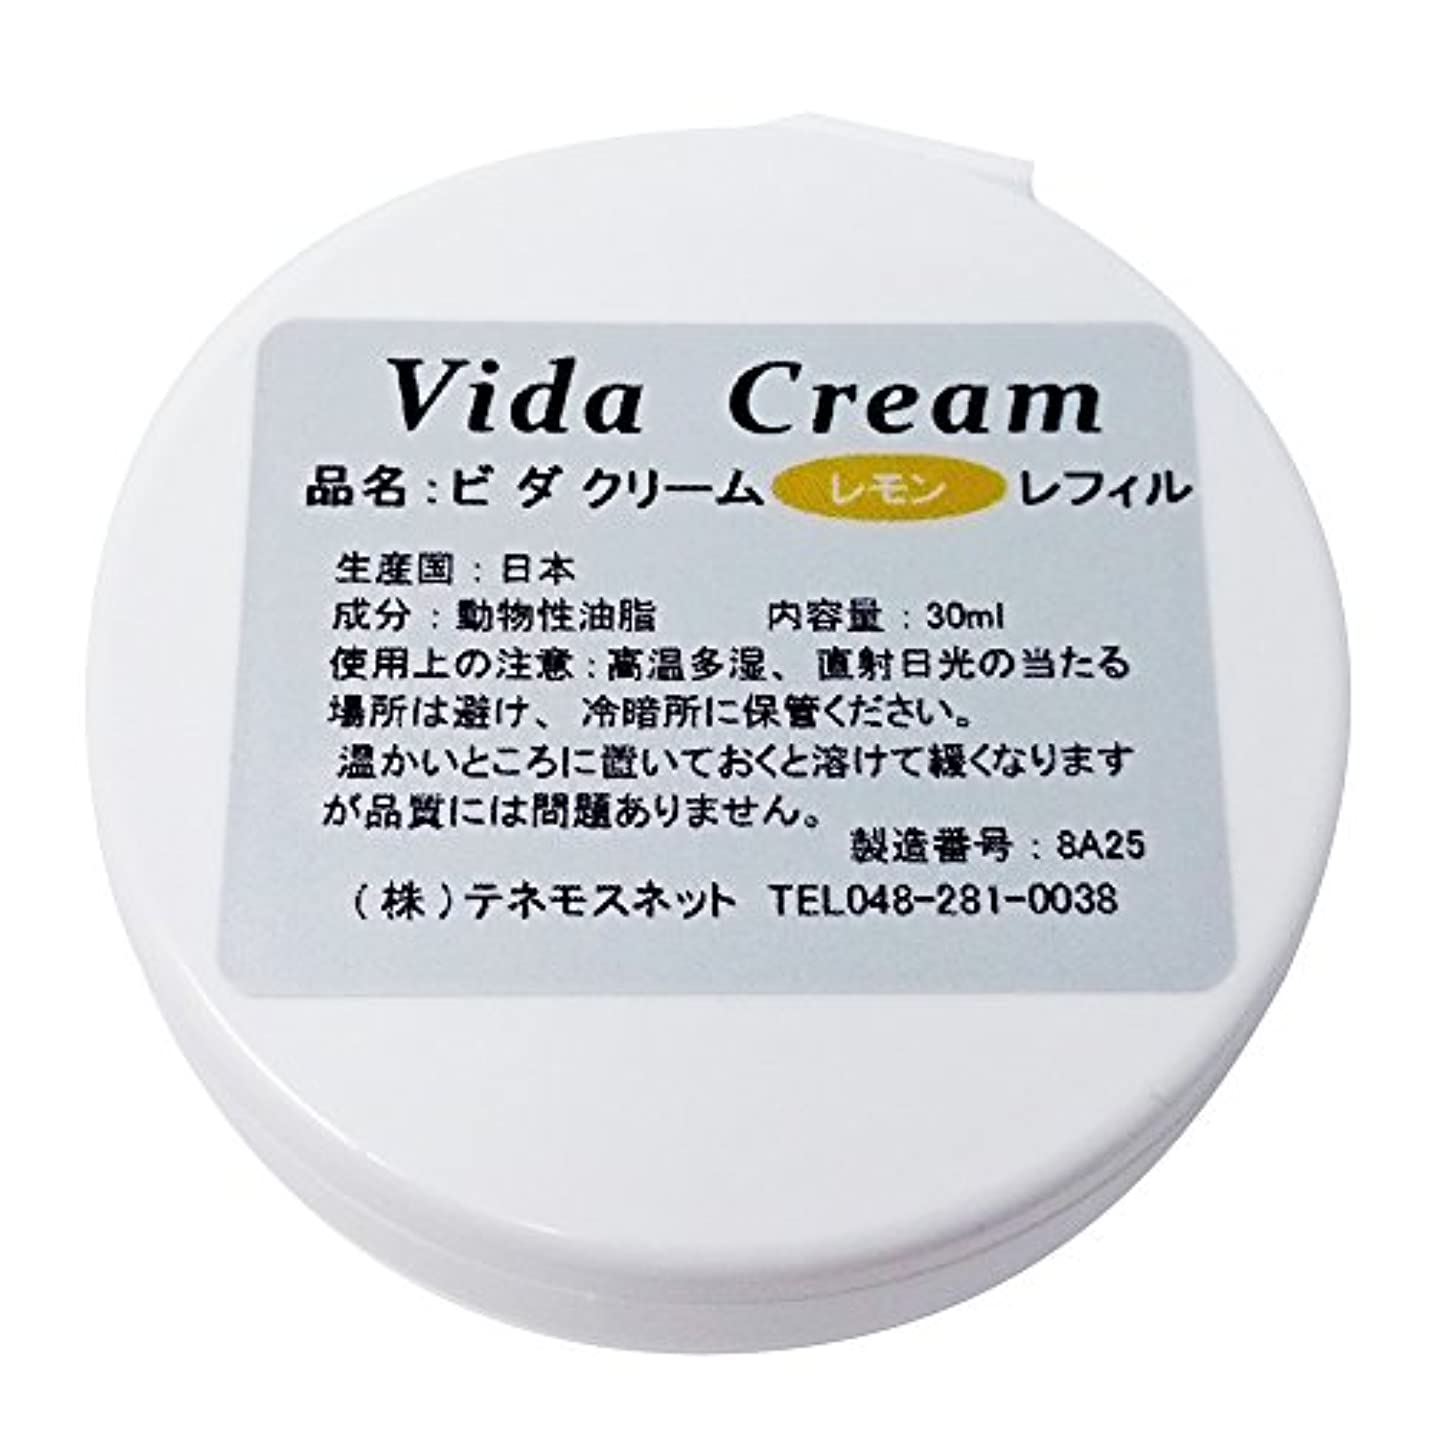 神経障害スイス人釈義テネモス ビダクリーム Vida Cream ほのかレモン レフィル 付替用 30ml